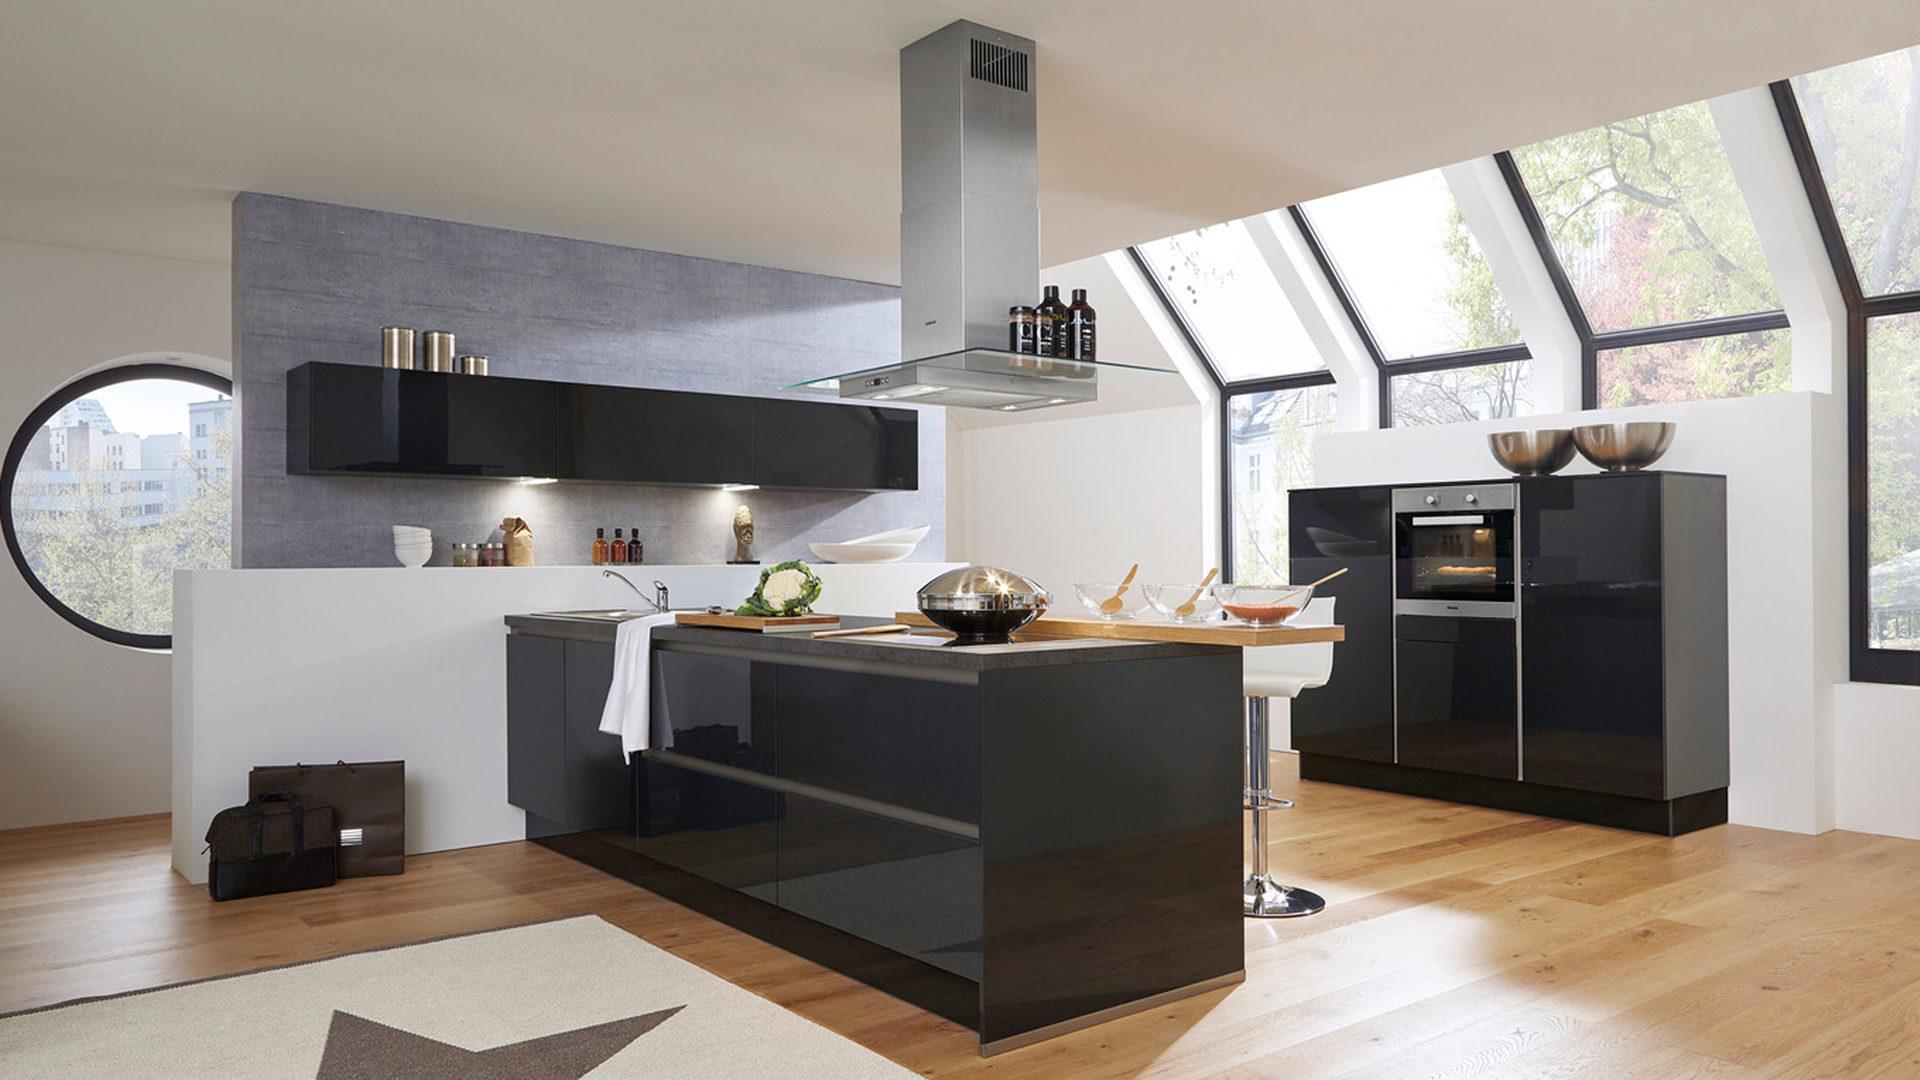 Einbauküche günstig mit elektrogeräten bnbnews co